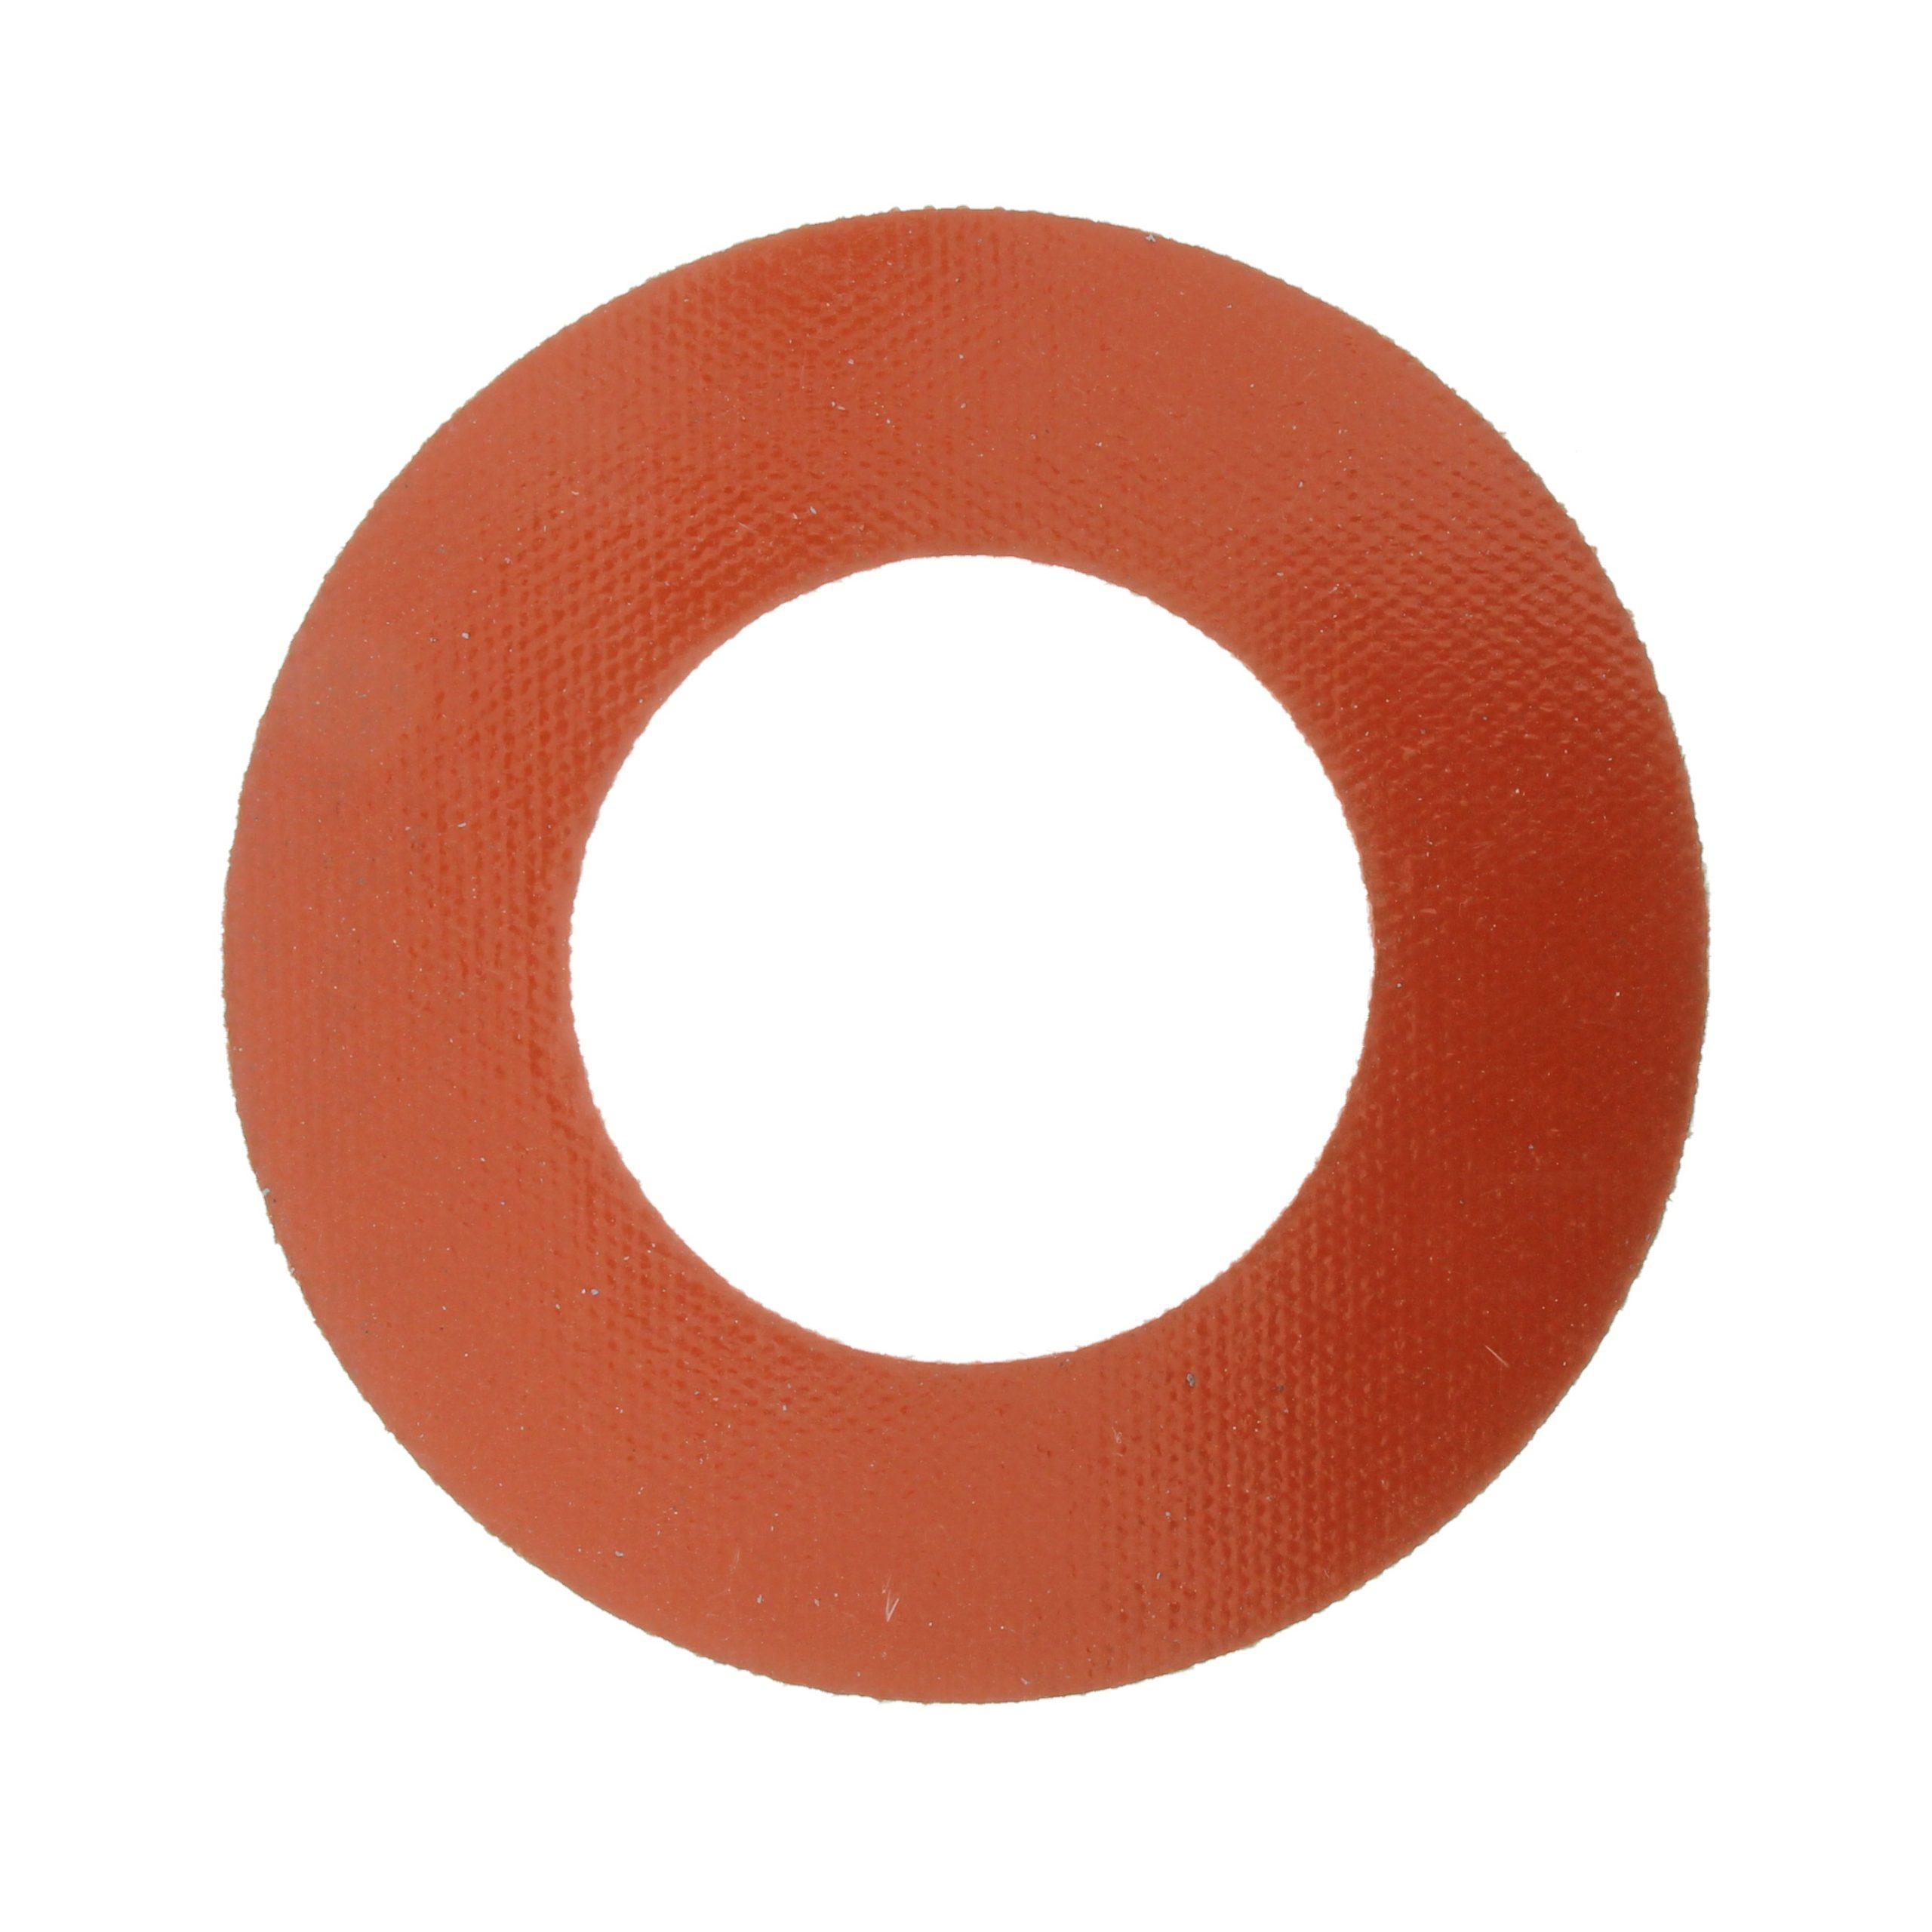 Прокладка силиконовая  (70) д/опок СФ 60 мм INDUTHERM 14210010